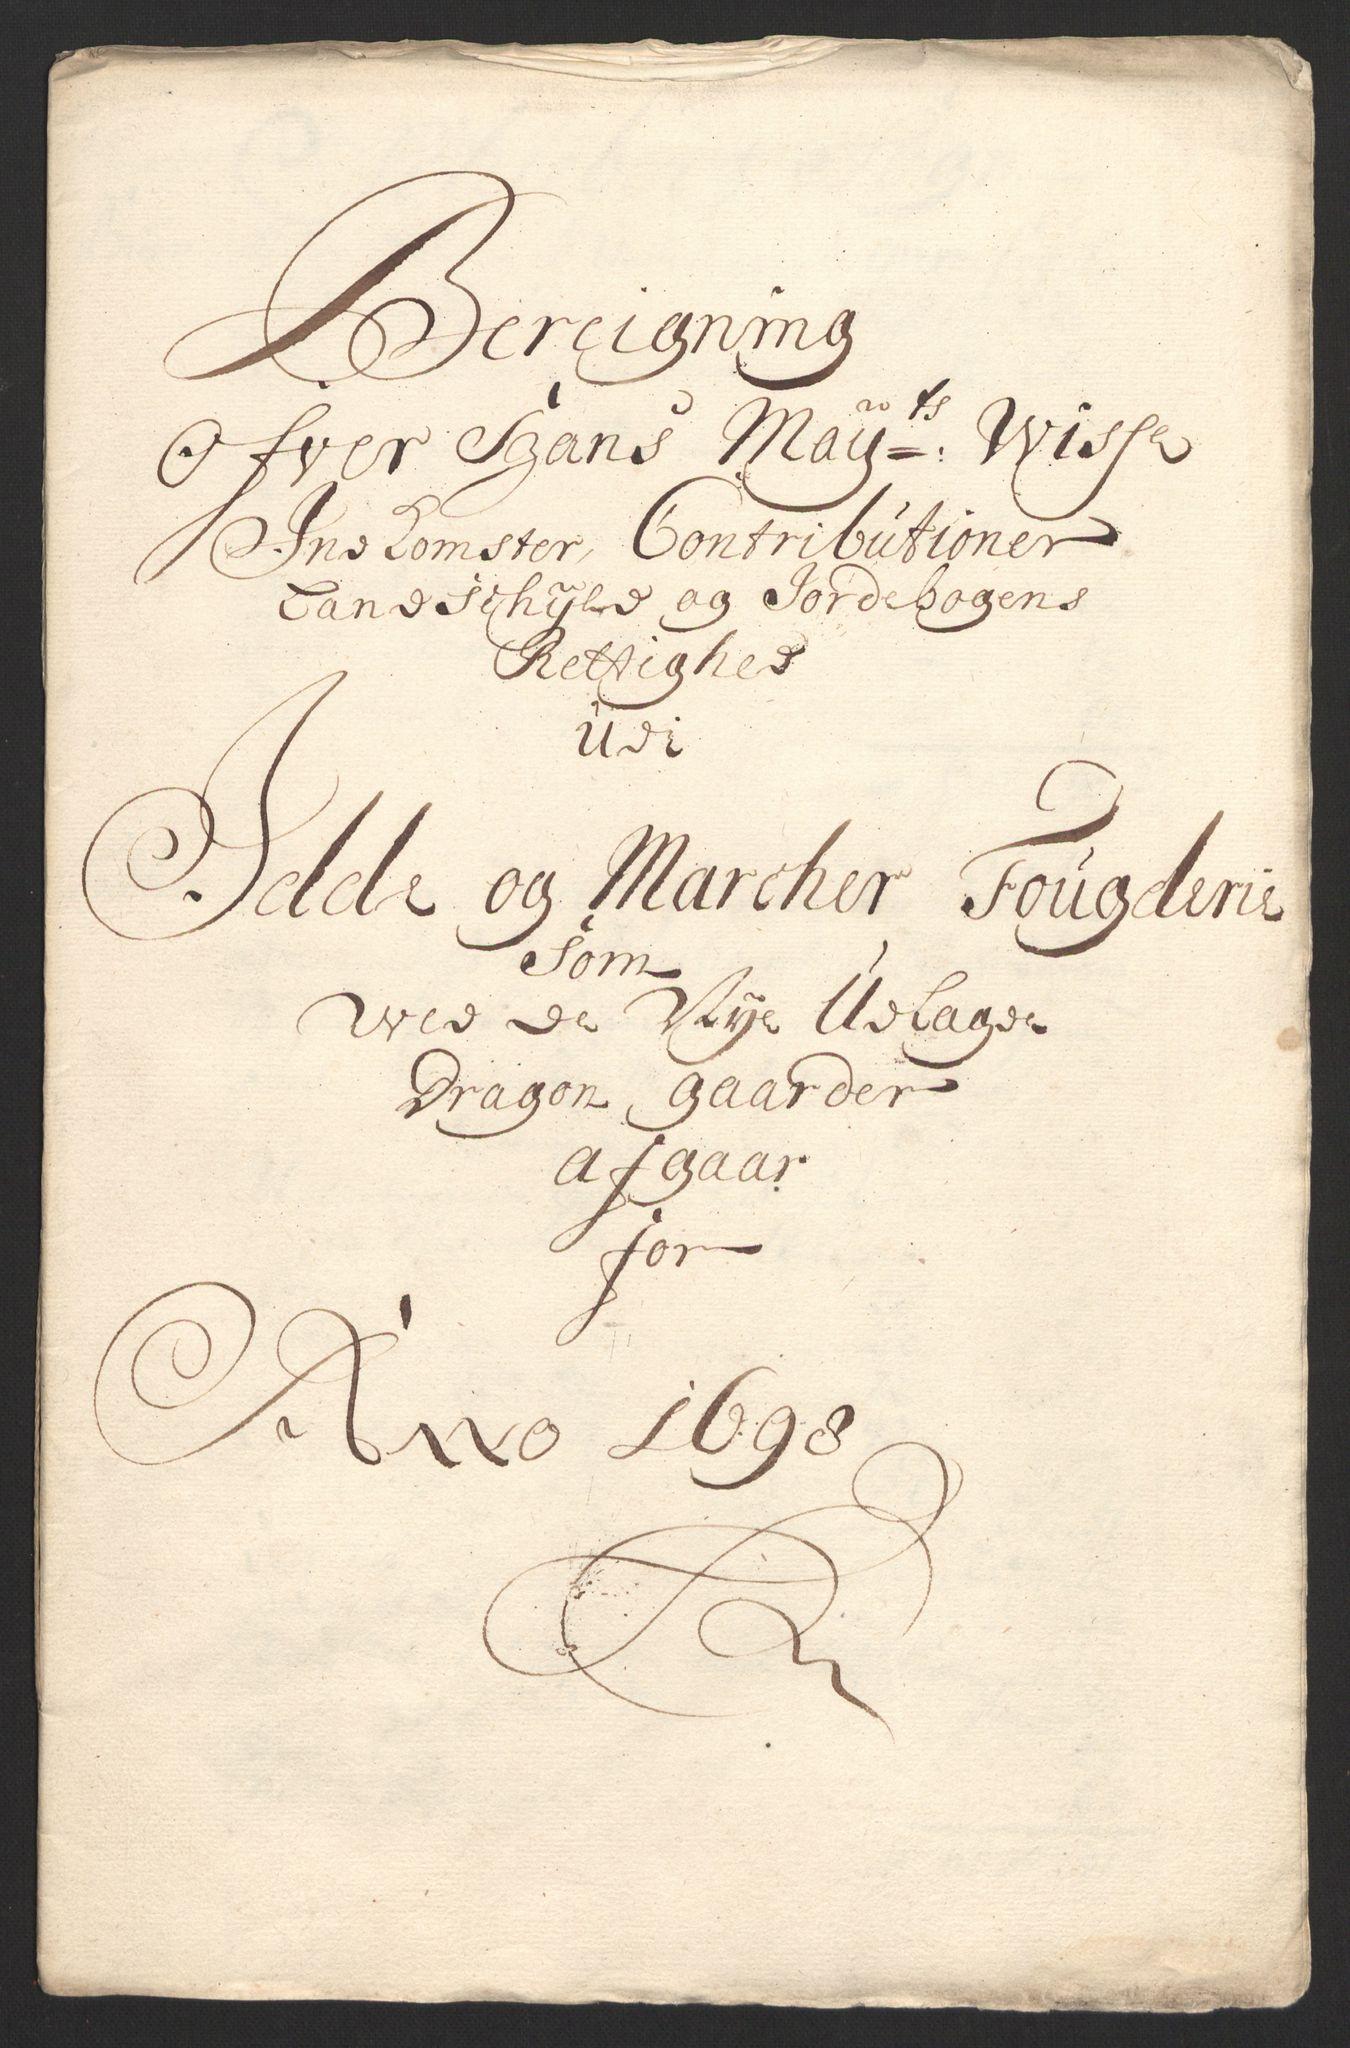 RA, Rentekammeret inntil 1814, Reviderte regnskaper, Fogderegnskap, R01/L0013: Fogderegnskap Idd og Marker, 1696-1698, s. 356